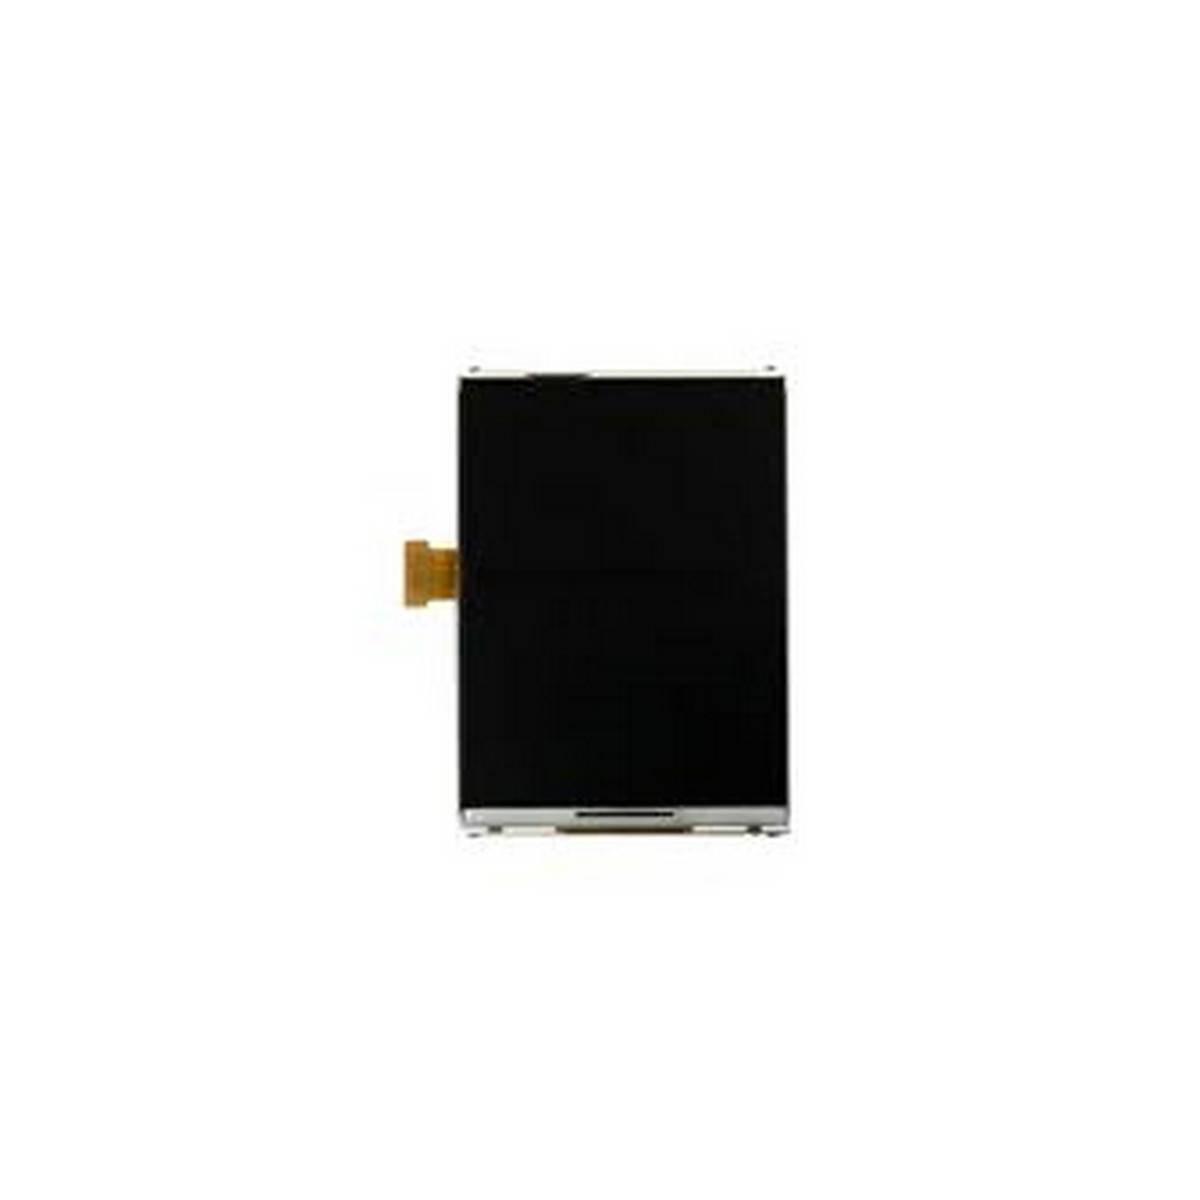 Pantalla LCD Samsung Galaxy Y Duos S6102.